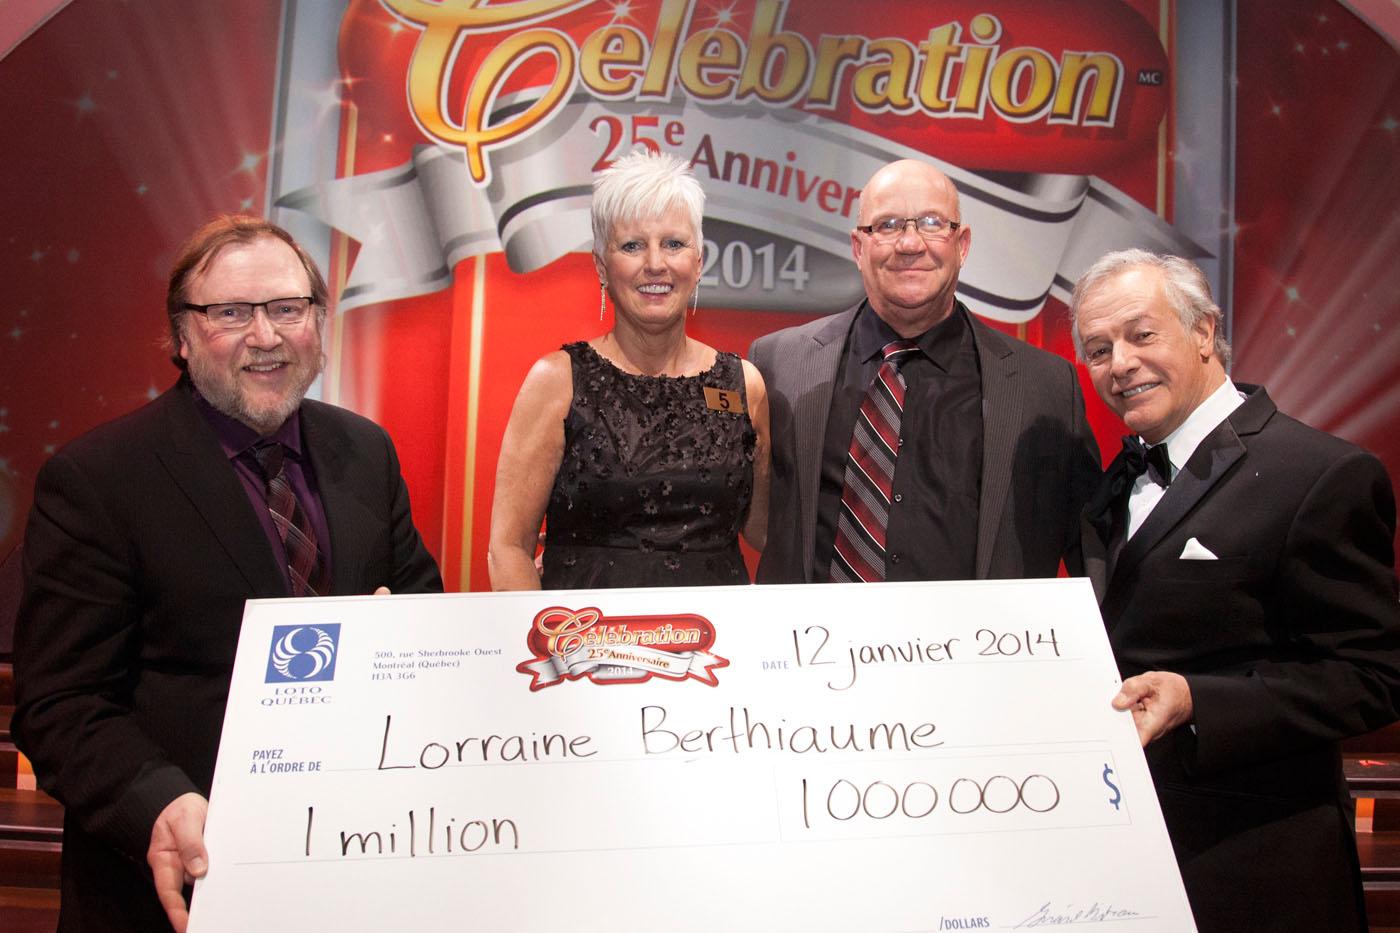 Robert Ayotte, Président des opérations loteries à Loto-Québec, Lorraine Berthiaume, gagnante de 1 million de dollars, et son conjoint Daniel Garon, de Farnham, ainsi qu'Yves Corbeil, animateur des tirages. (Groupe CNW/Casino du Lac-Leamy